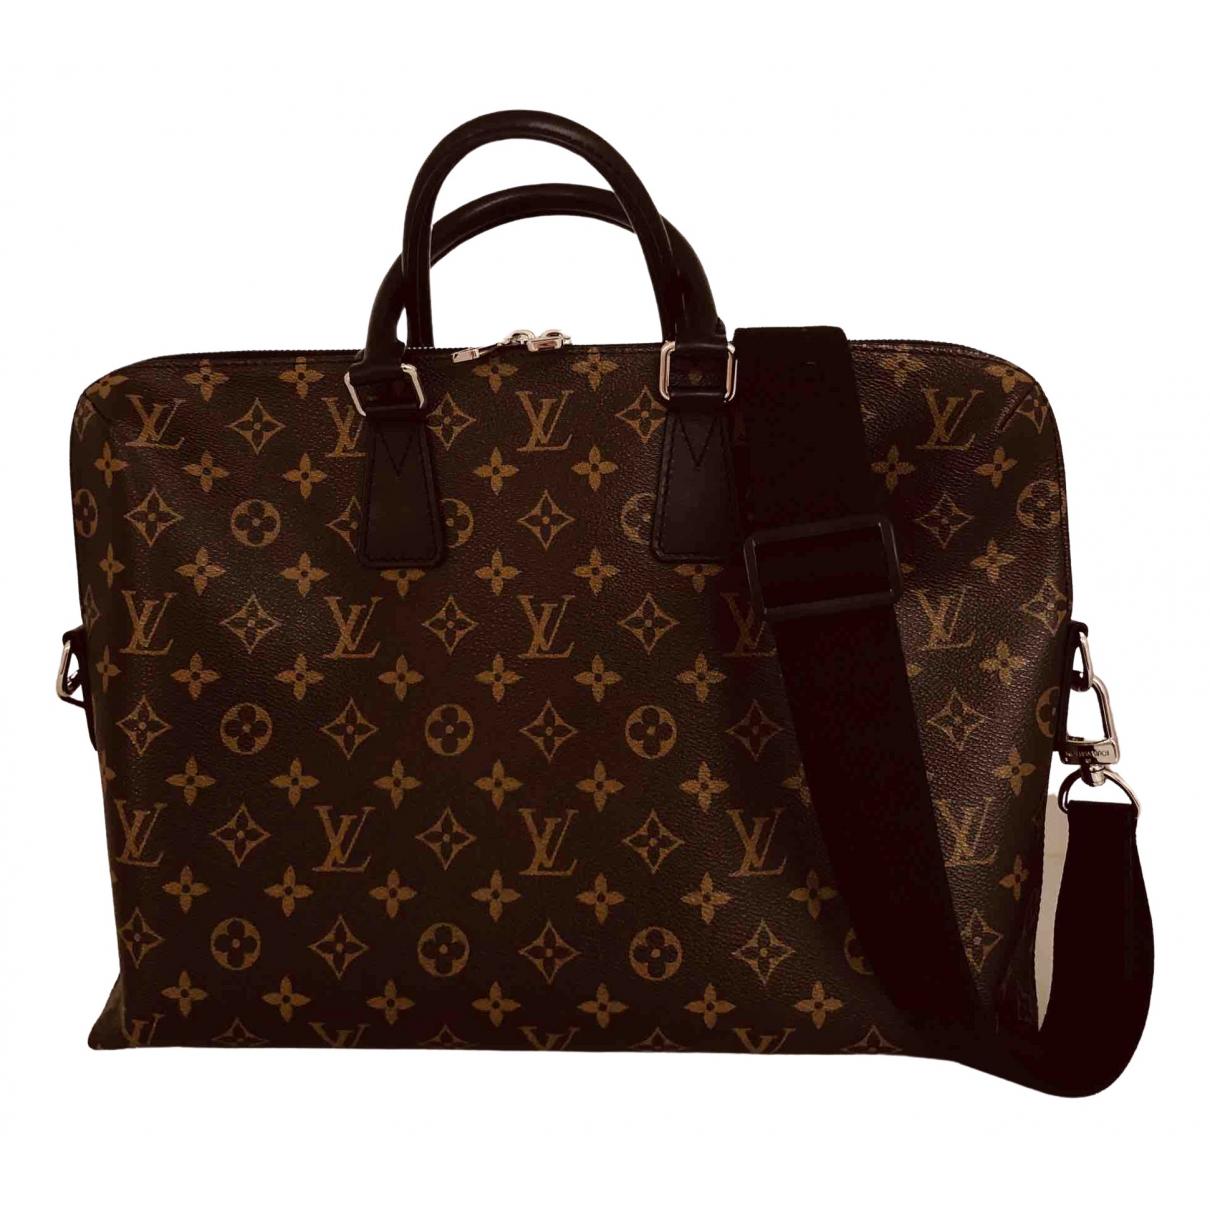 Louis Vuitton - Sac Porte Documents Jour pour homme en toile - marron